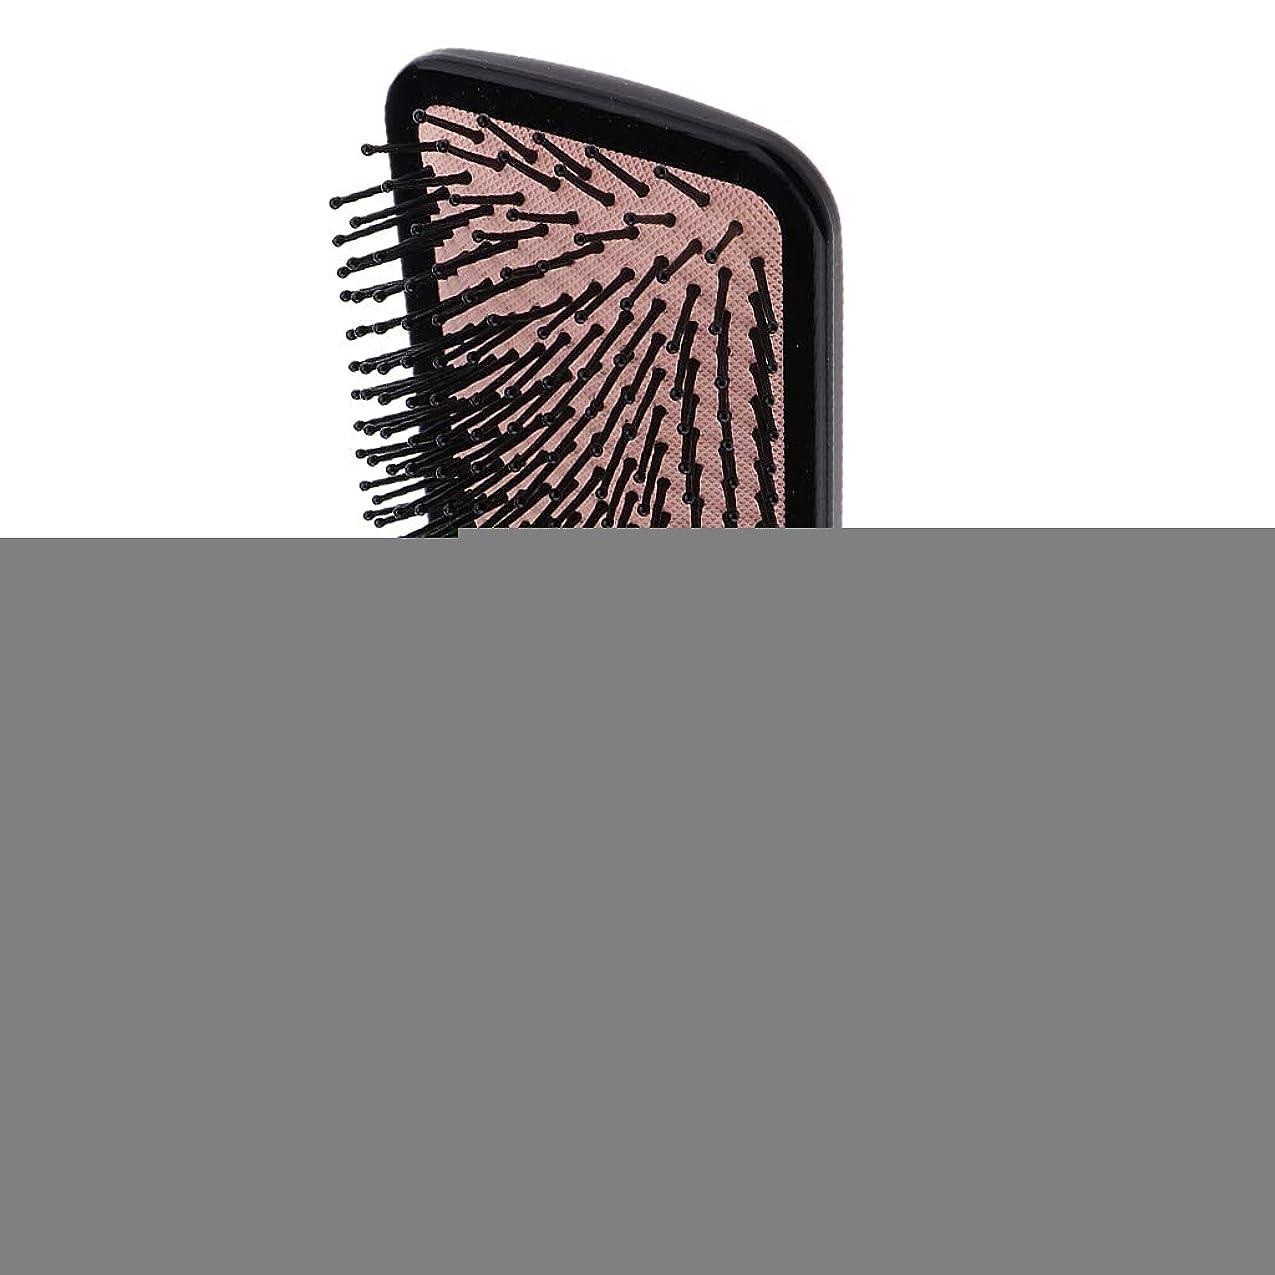 同盟持続的編集するPerfeclan ヘアブラシ 櫛 くし 頭皮/肩/顔マッサージコーム 美髪ケア 血行促進 薄毛改善 全2サイズ - スクエア